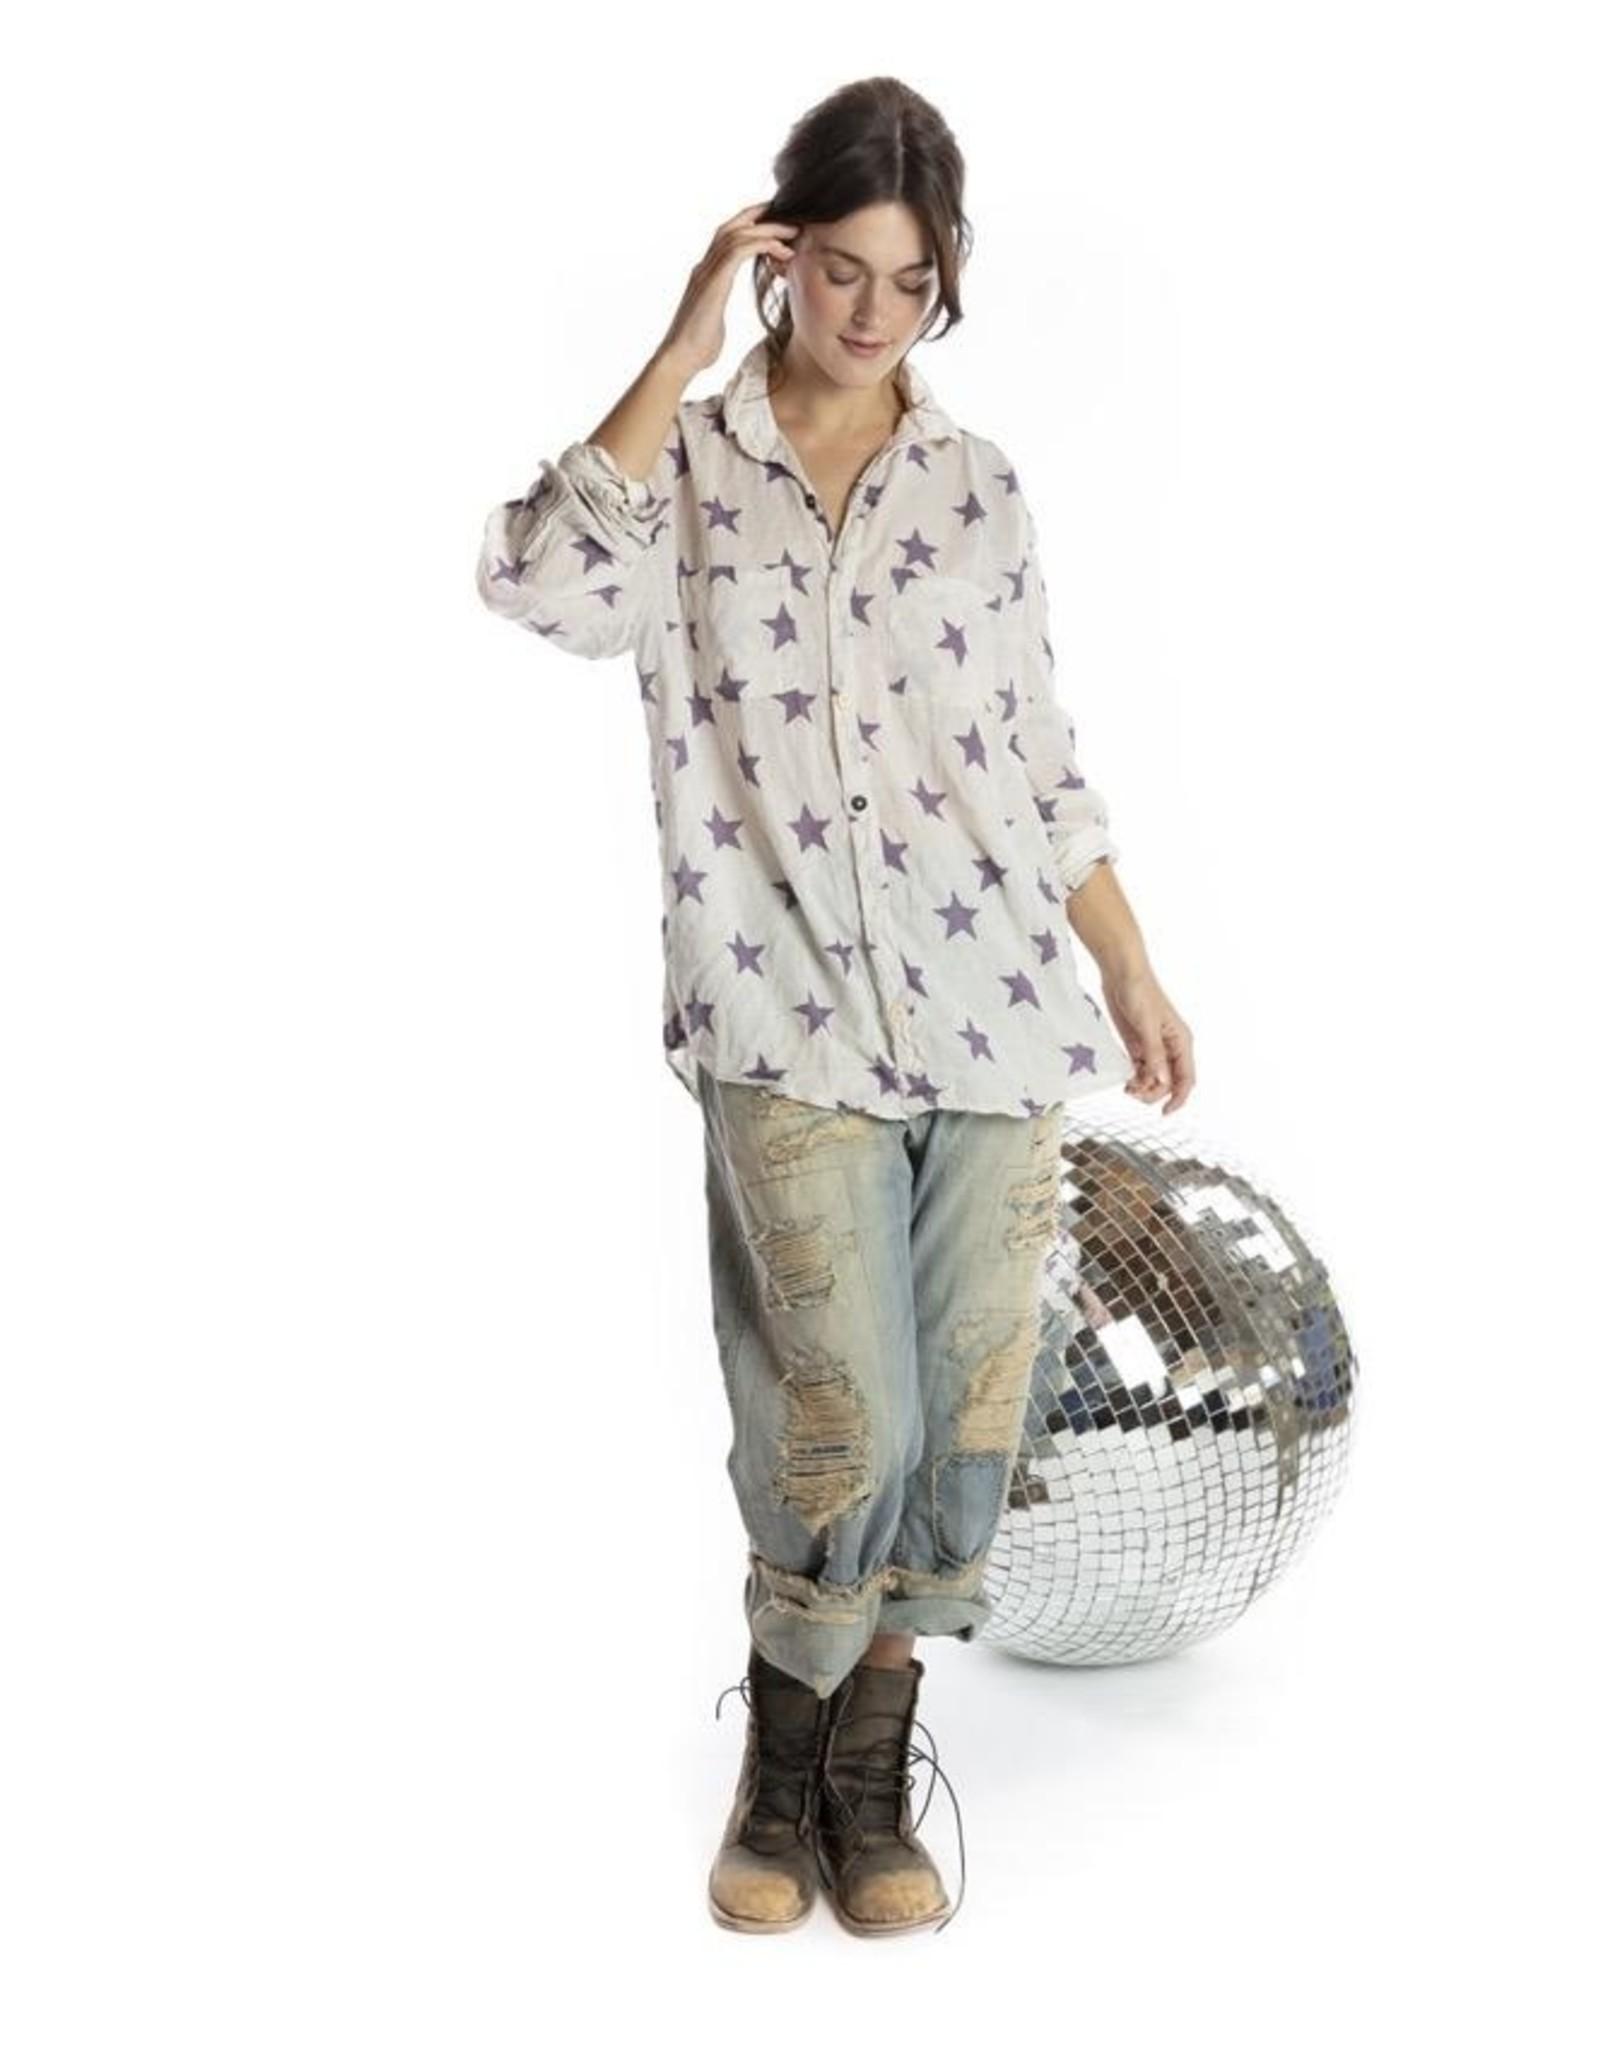 Magnolia Pearl Boyfriend Shirt - Twinkle Little Star